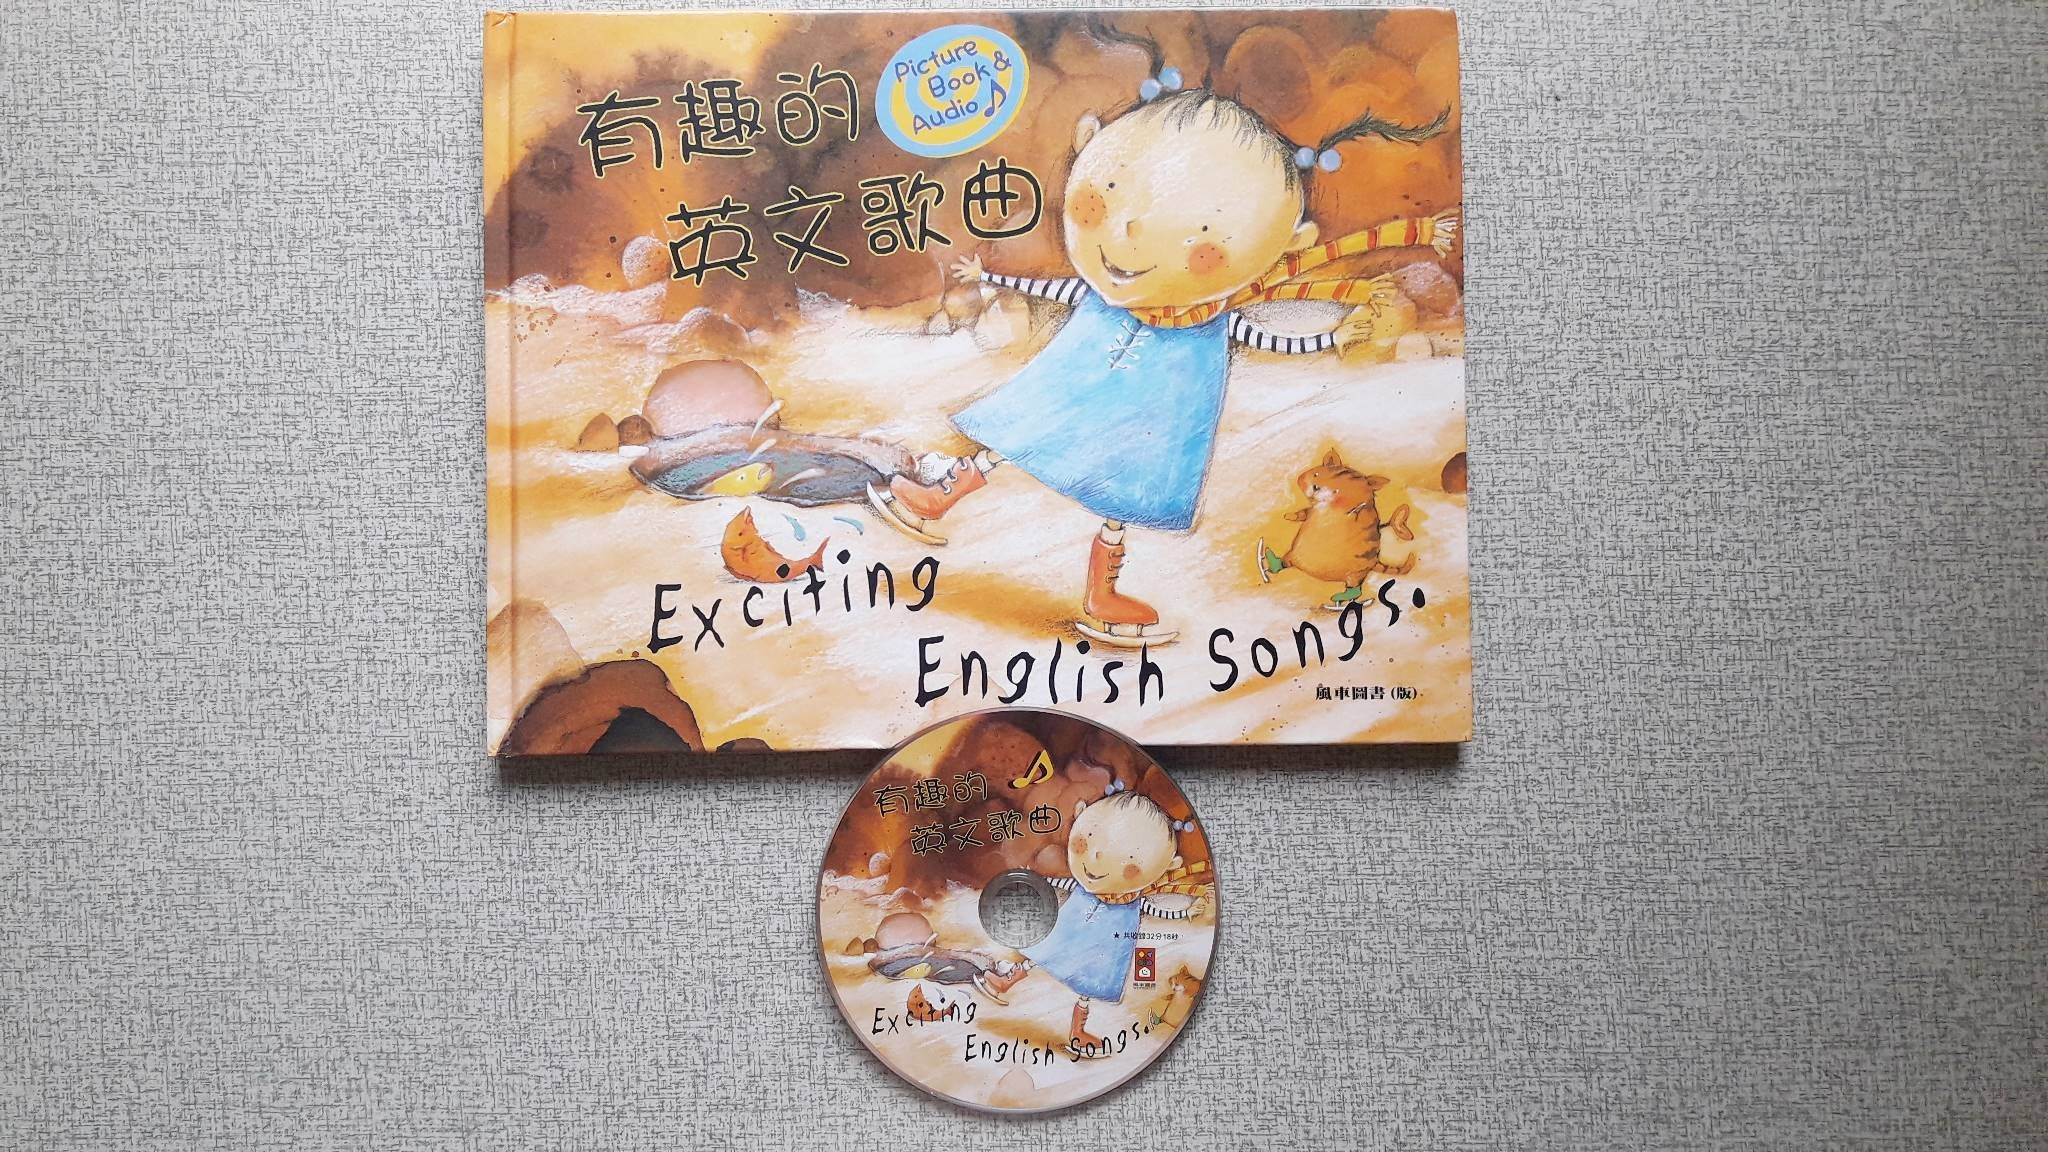 全新! 有趣的英文歌曲 Exciting English Songs (書+CD) 風車圖書